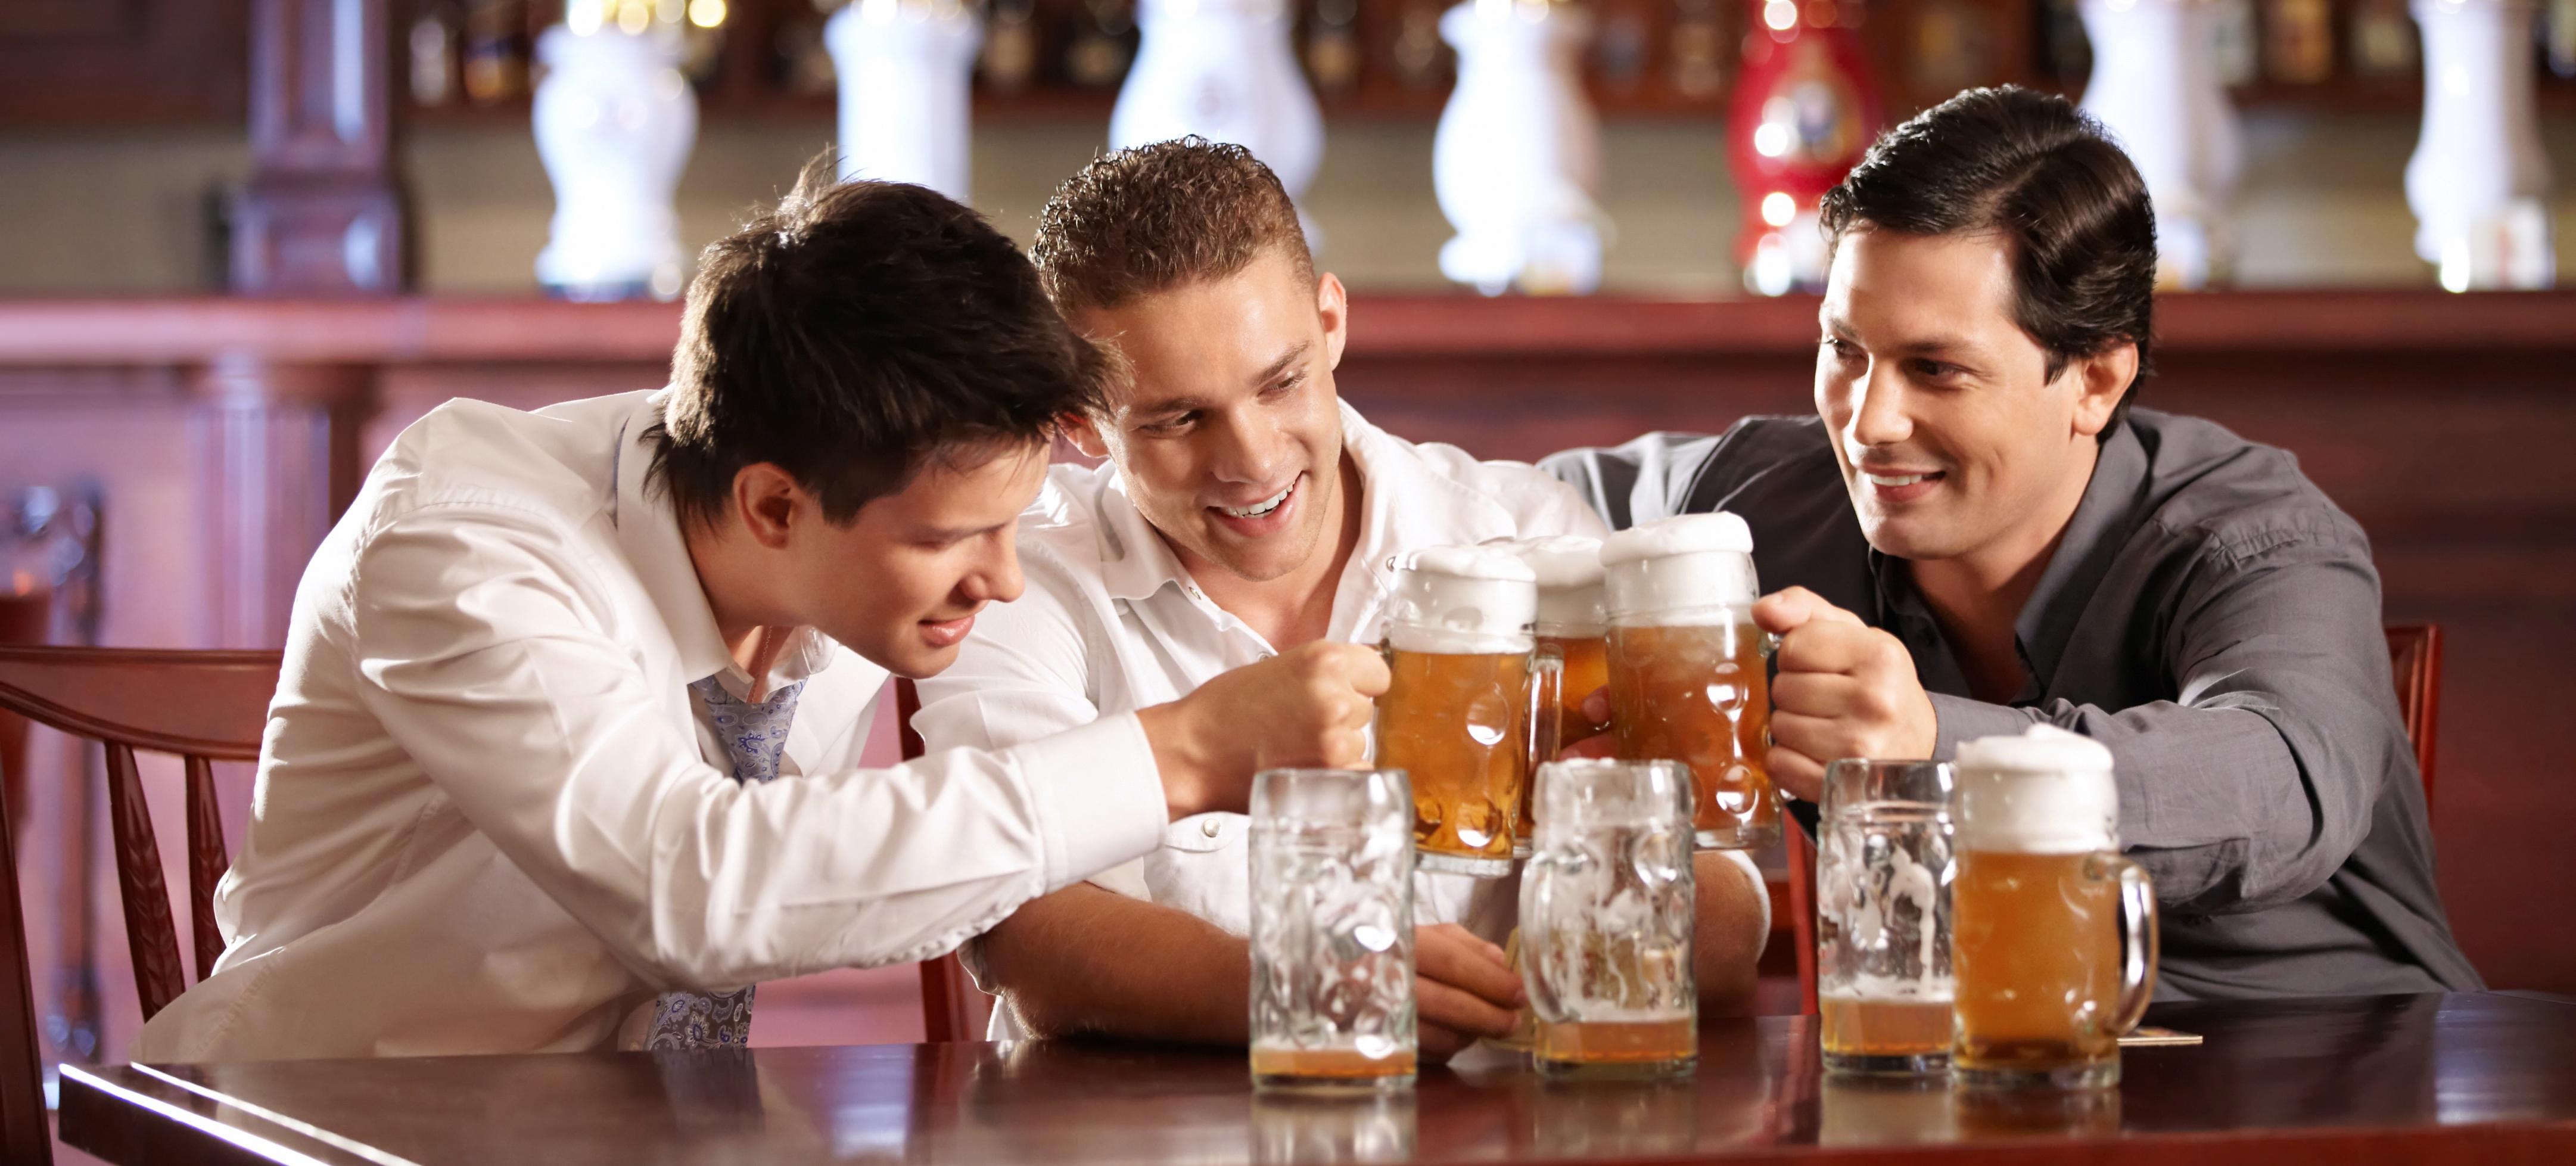 Промилле после употребления пива